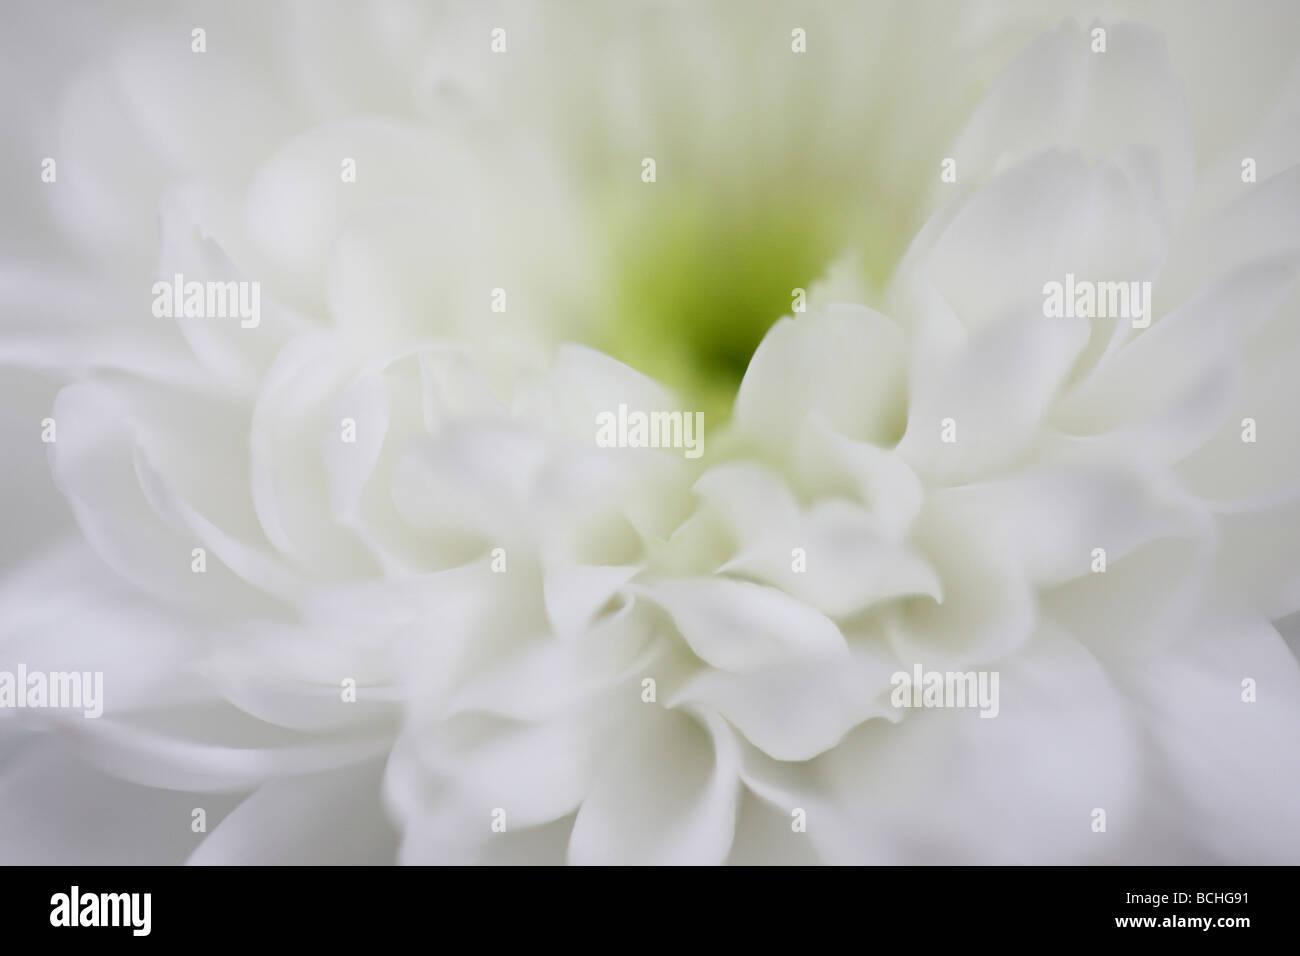 El Crisantemo blanco femenino fotografía artística Jane Ann Butler Fotografía JABP414 Imagen De Stock